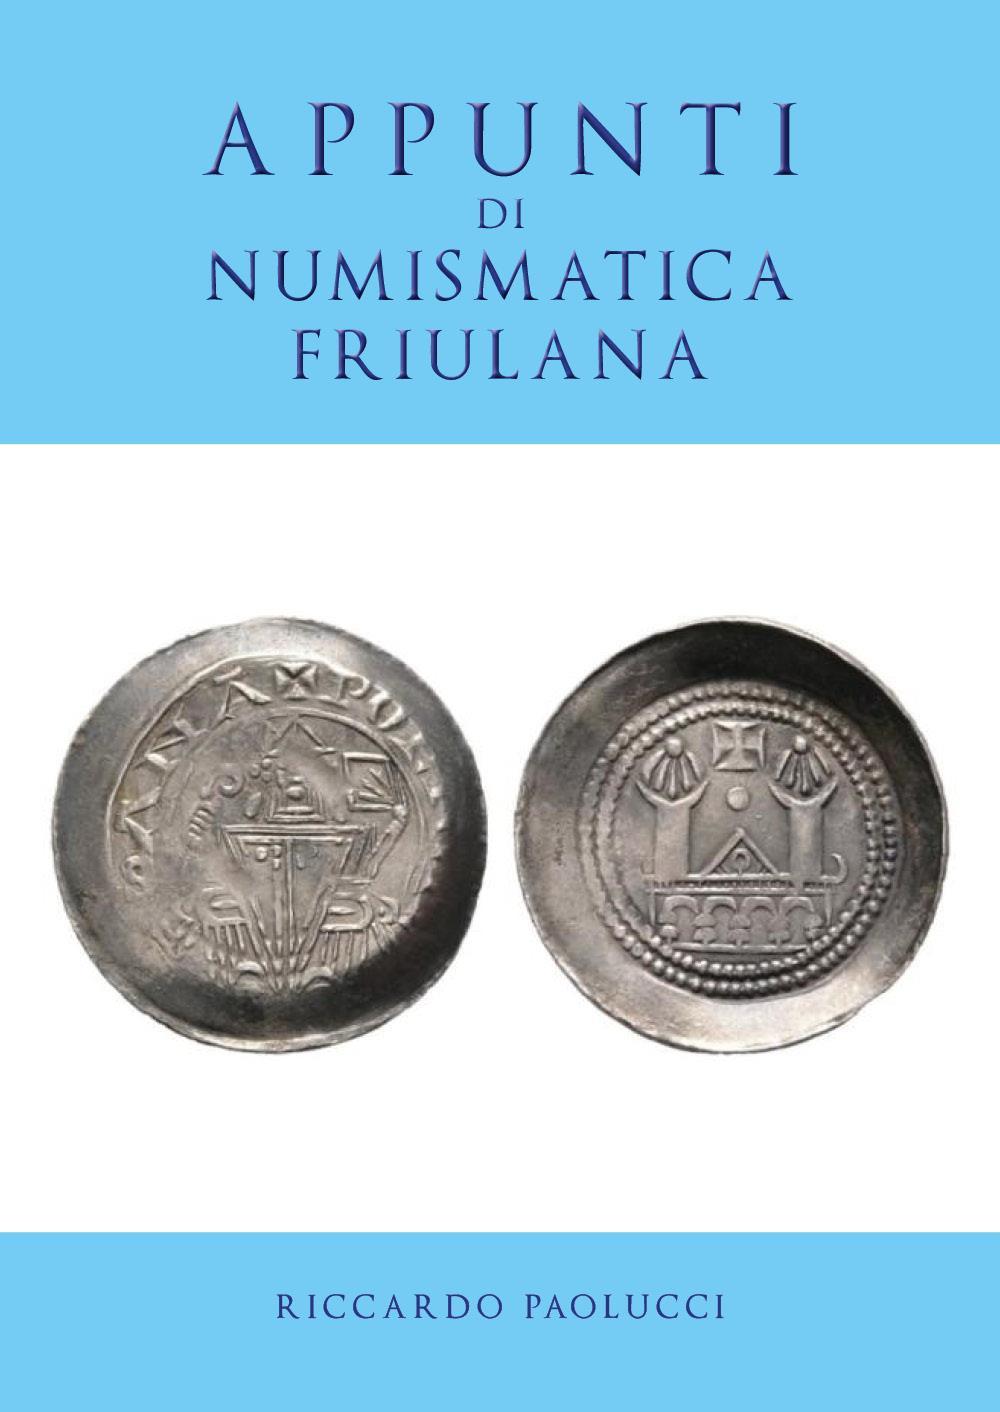 APPUNTI DI NUMISMATICA FRIULANA